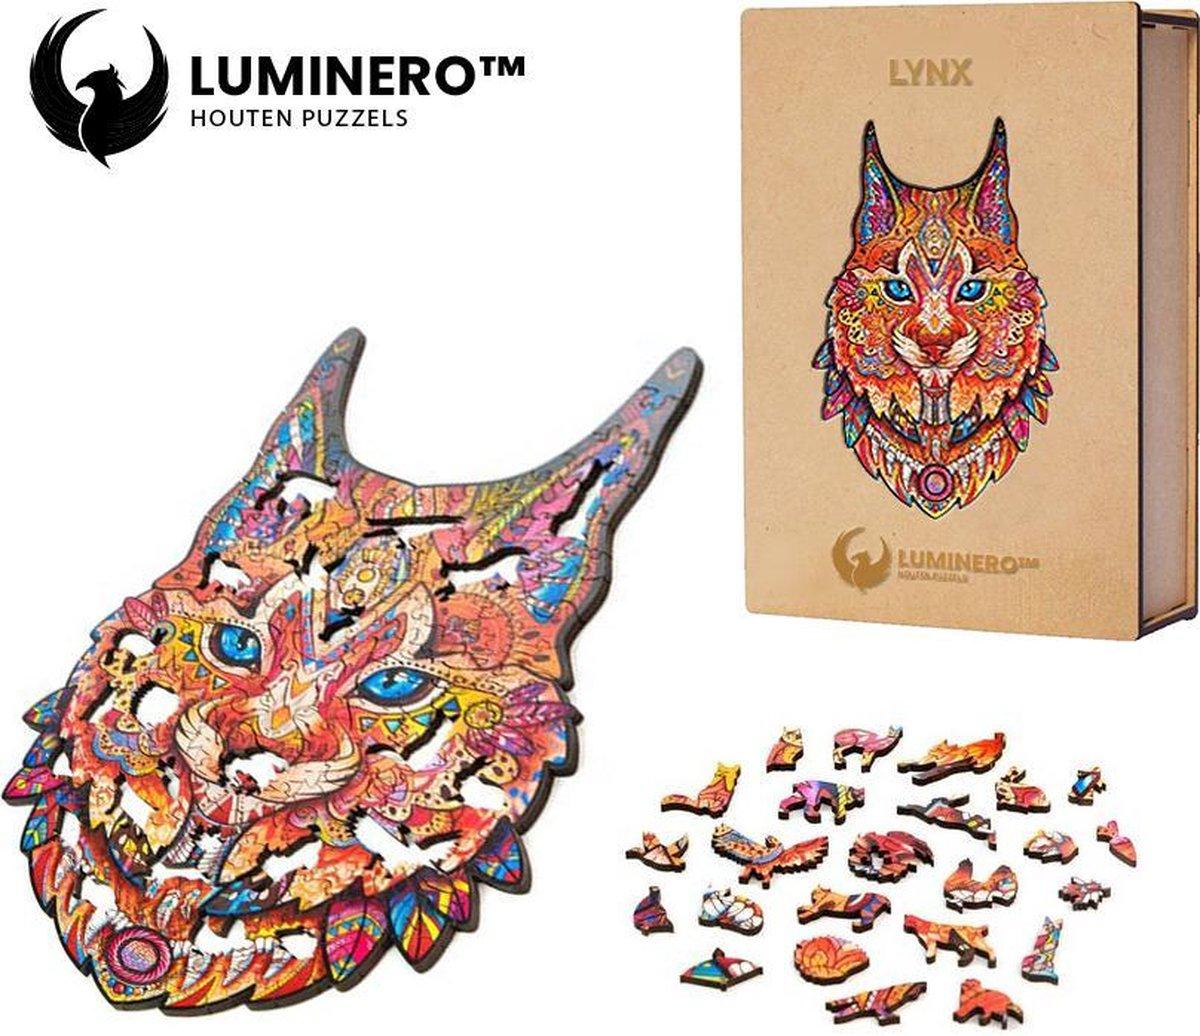 Luminero™ Houten Lynx Jigsaw Puzzel - A4 Formaat Jigsaw - Unieke 3D Puzzels - Huisdecoratie - Wooden Puzzle - Volwassenen & Kinderen - Incl. Houten Doos